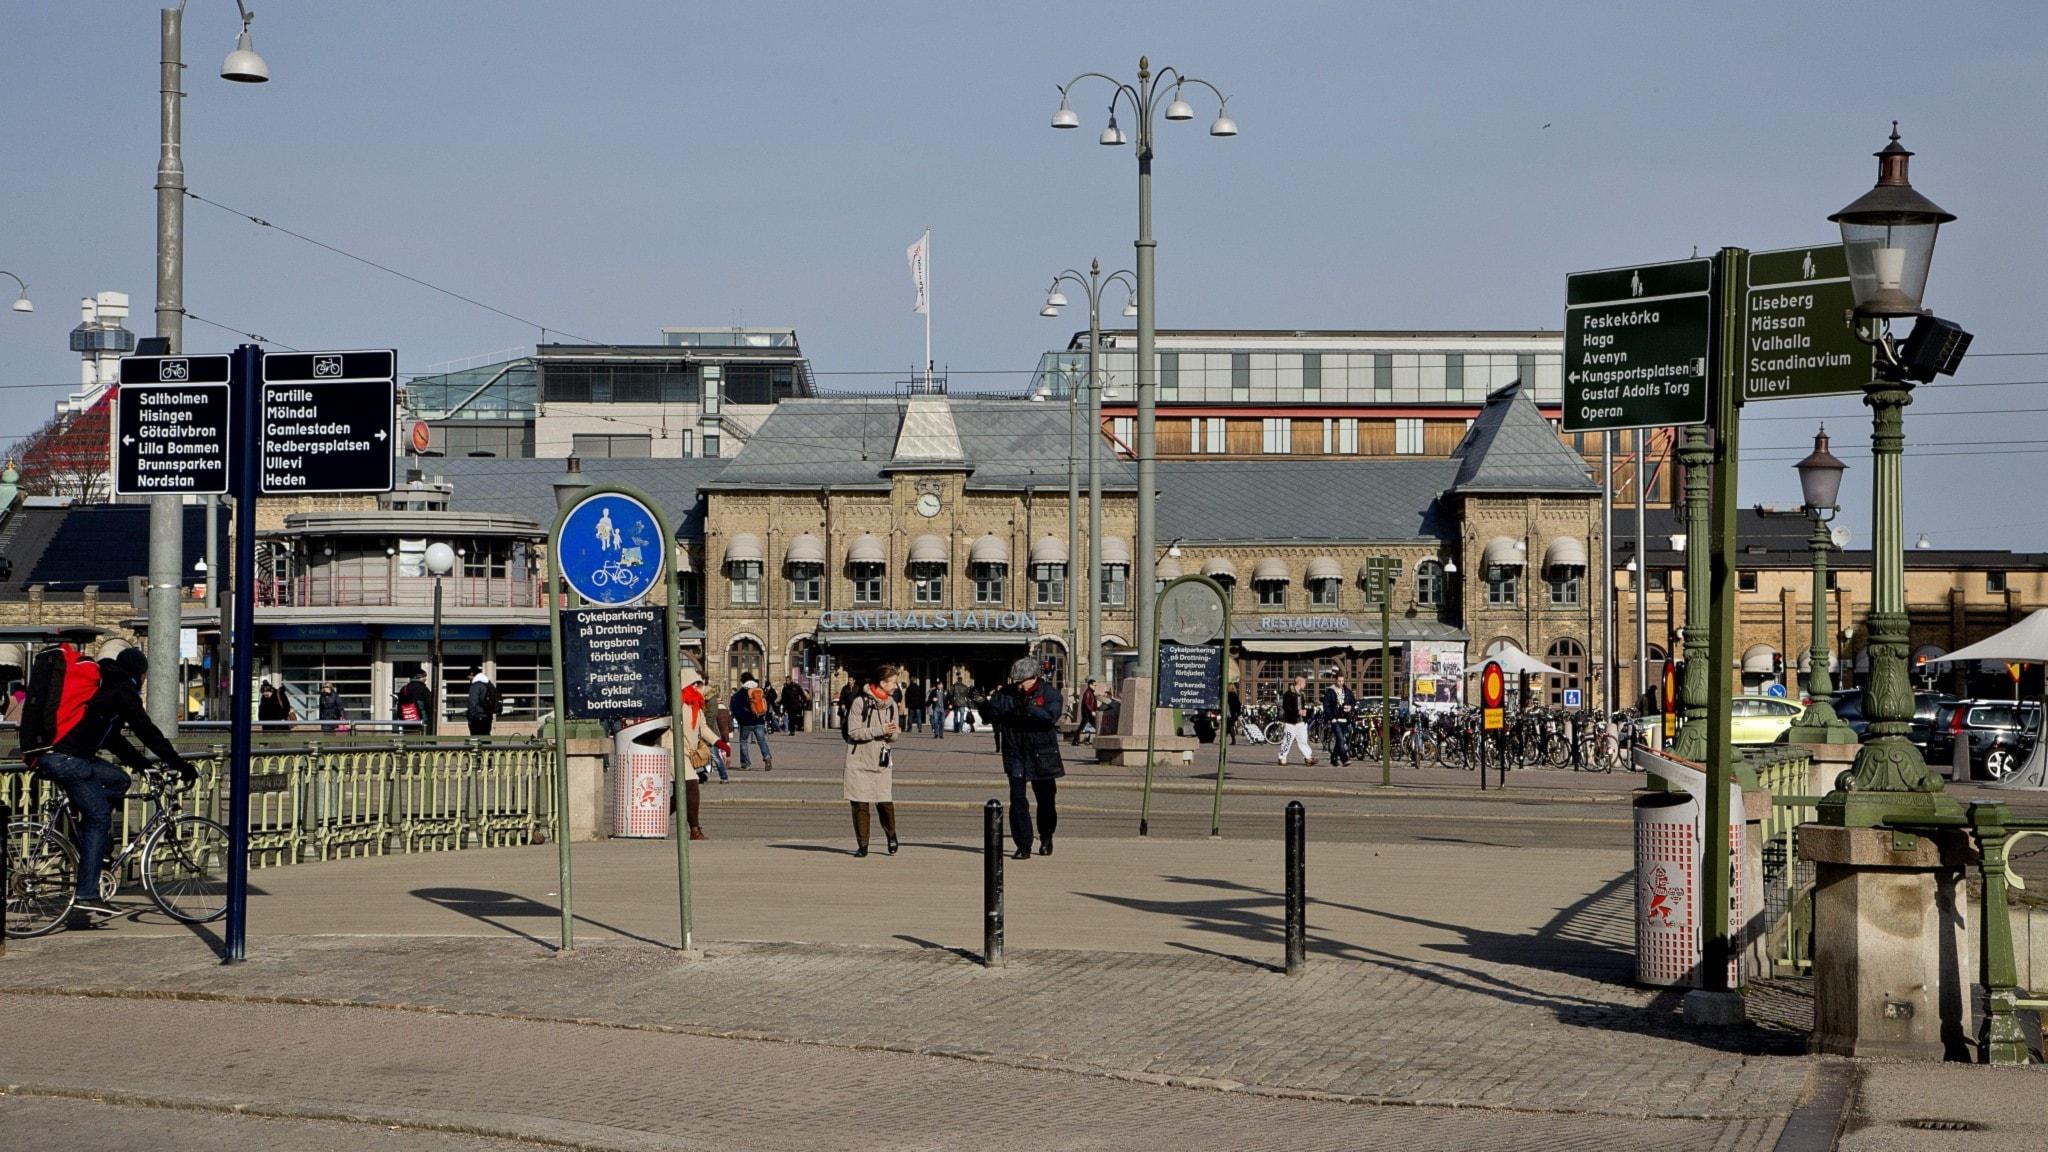 centralstation göteborg, drottningtorget